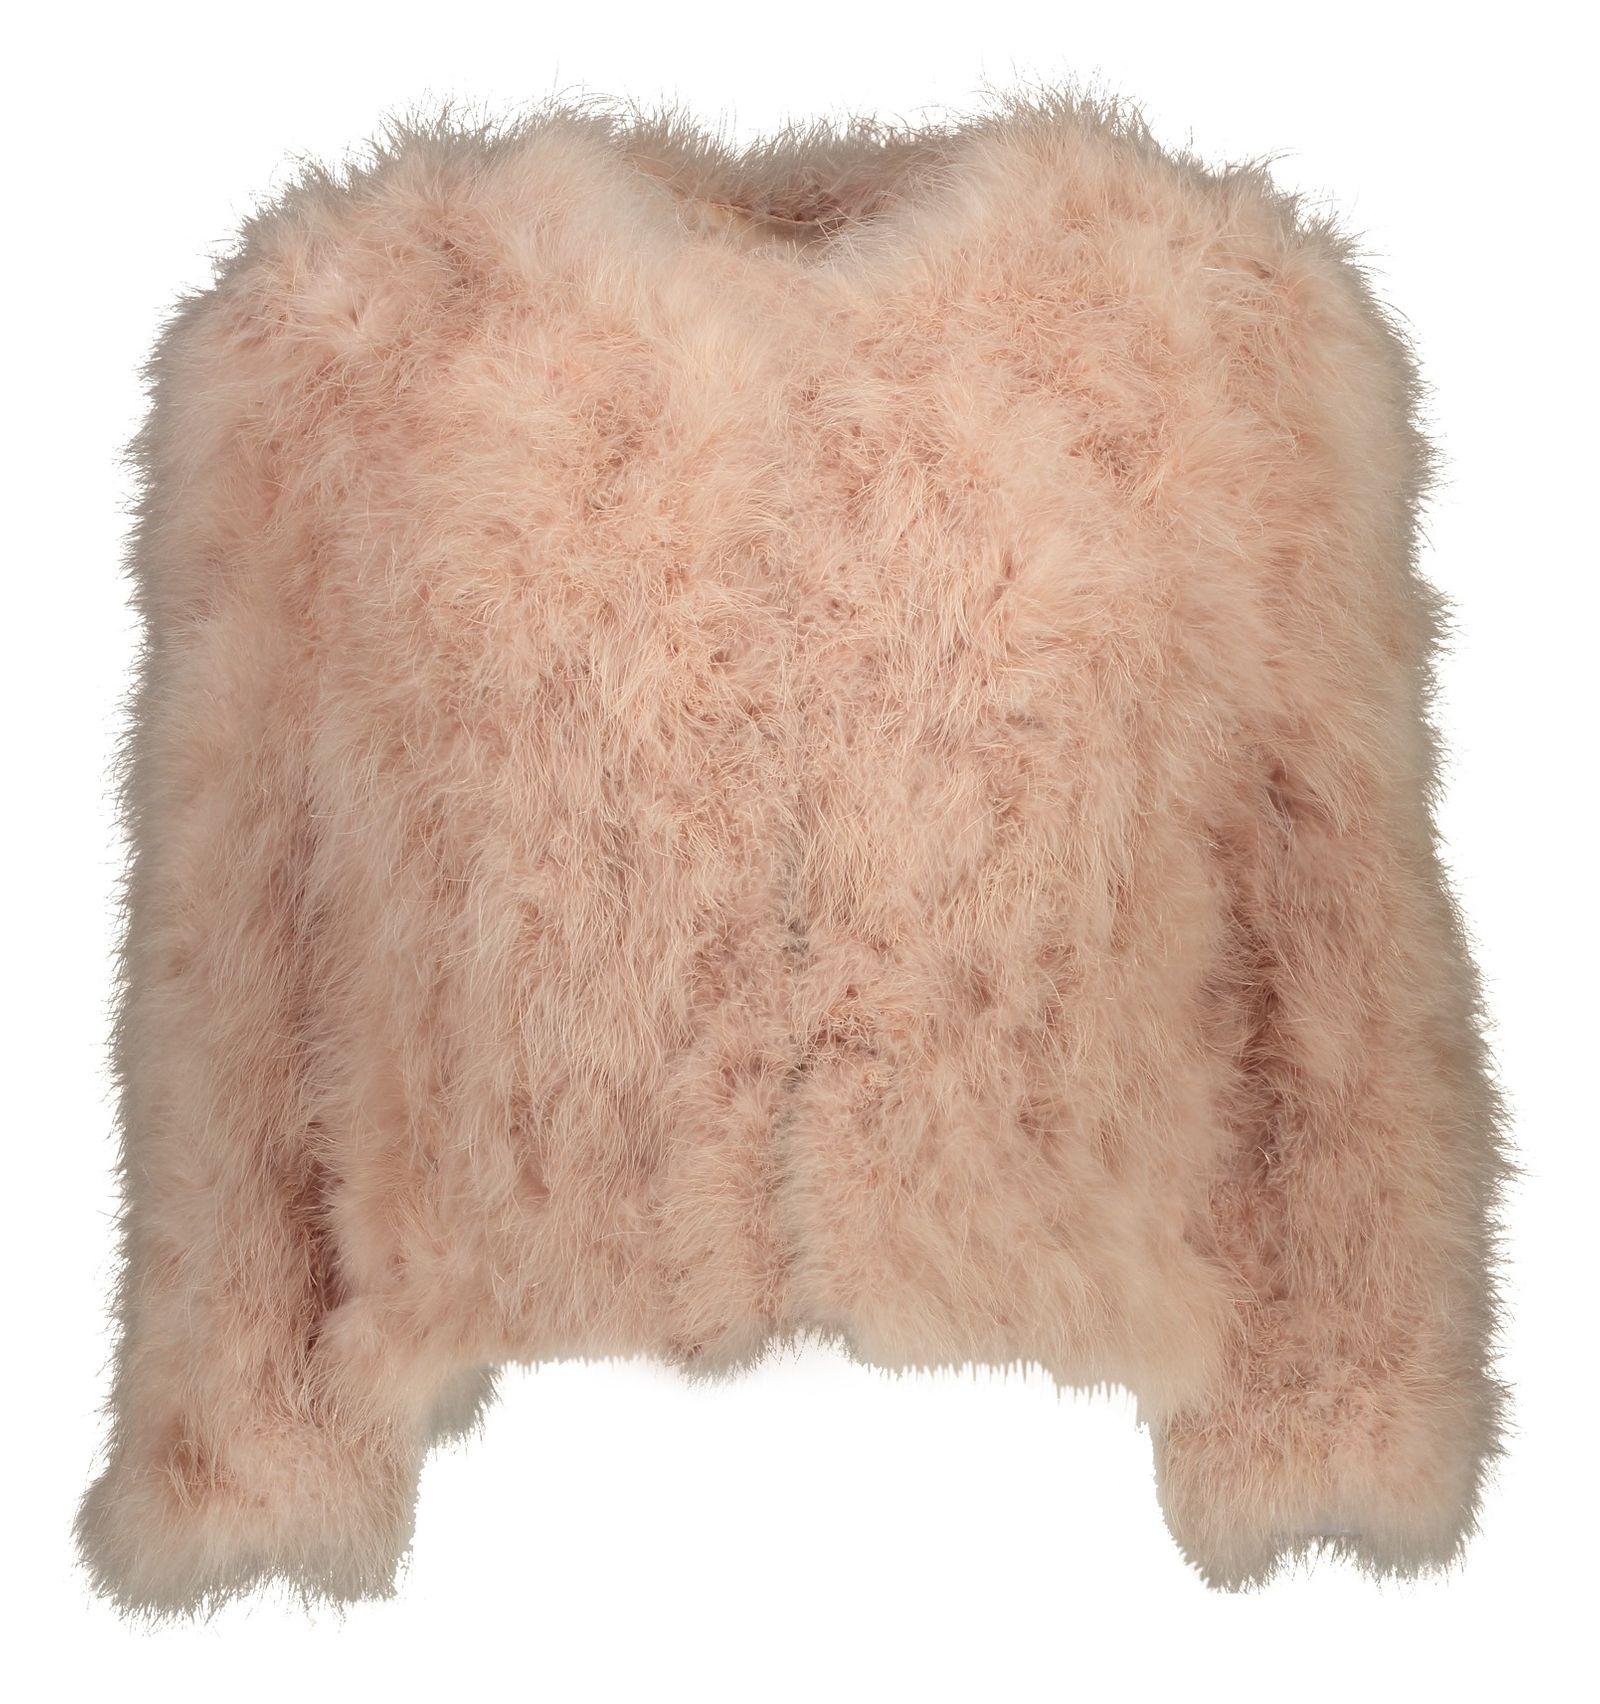 کت پر کوتاه زنانه - مانگو - صورتی - 1